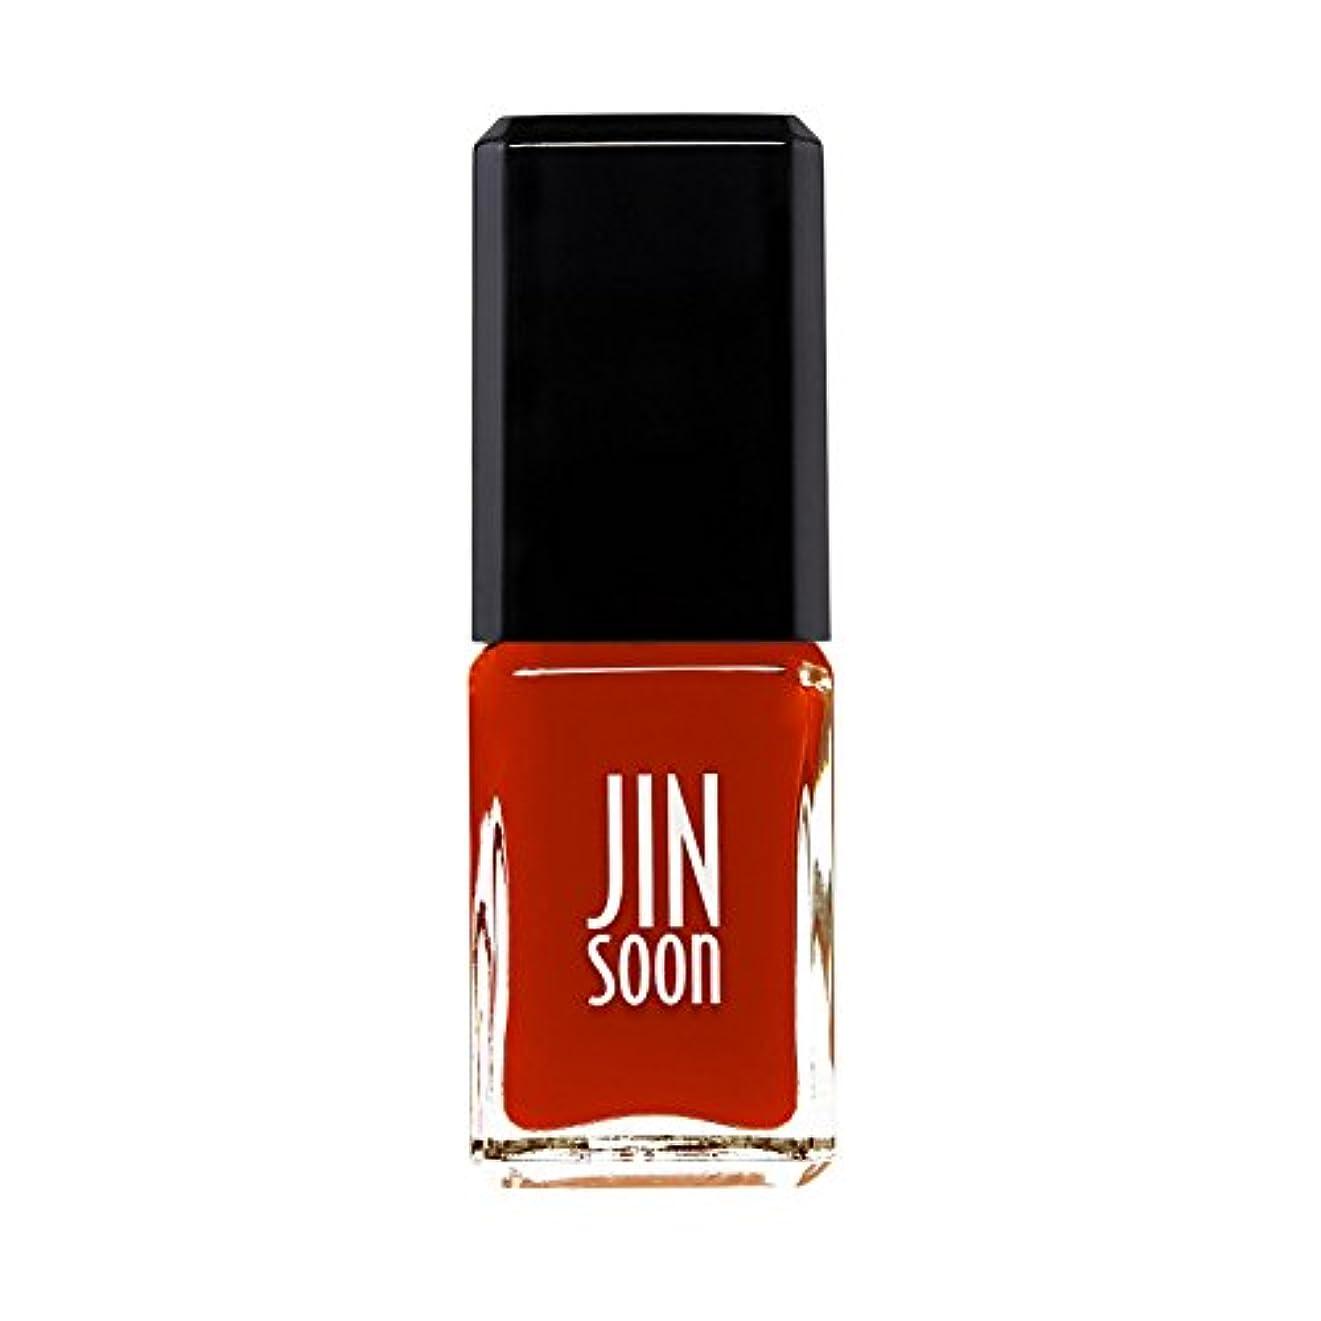 促す受付前進[ジンスーン] [ jinsoon] クラッシュ(シアーオレンジ) CRUSH ジンスーン 5フリー ネイル ポリッシュ ネイルカラー系統:オレンジ 11mL